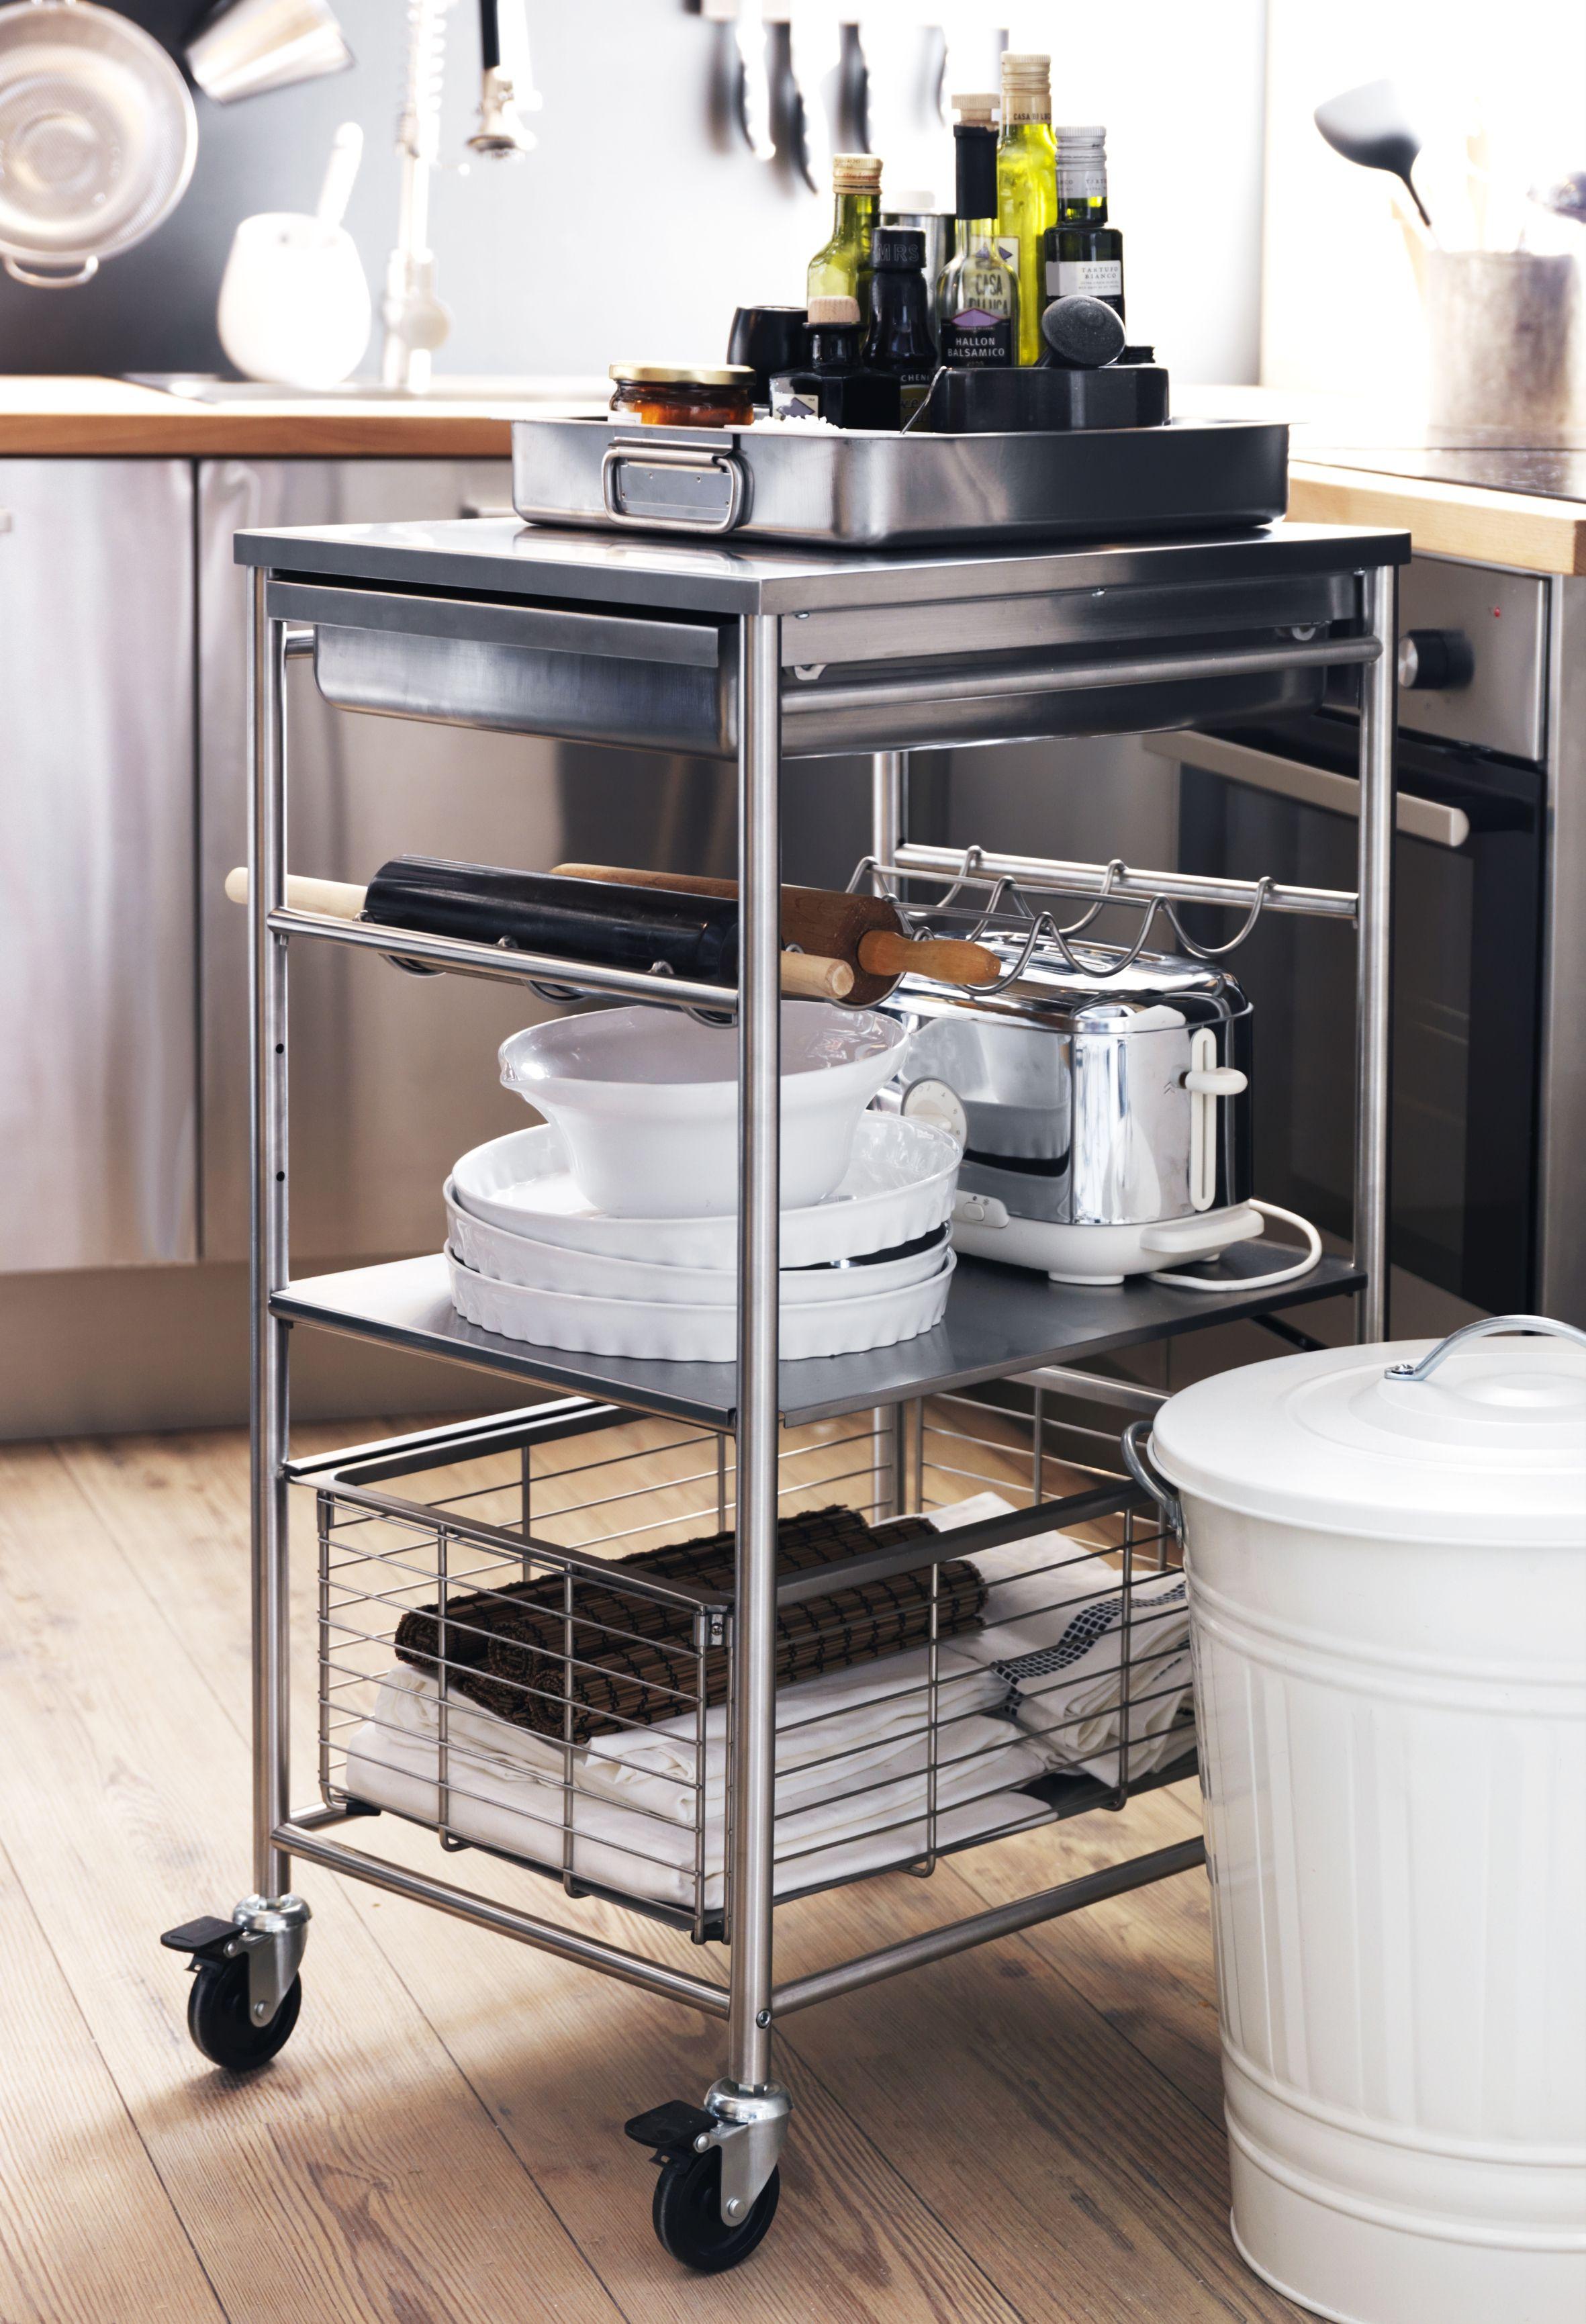 grundtal roltafel maak je keuken helemaal af met onze producten ikea keuken keukens. Black Bedroom Furniture Sets. Home Design Ideas